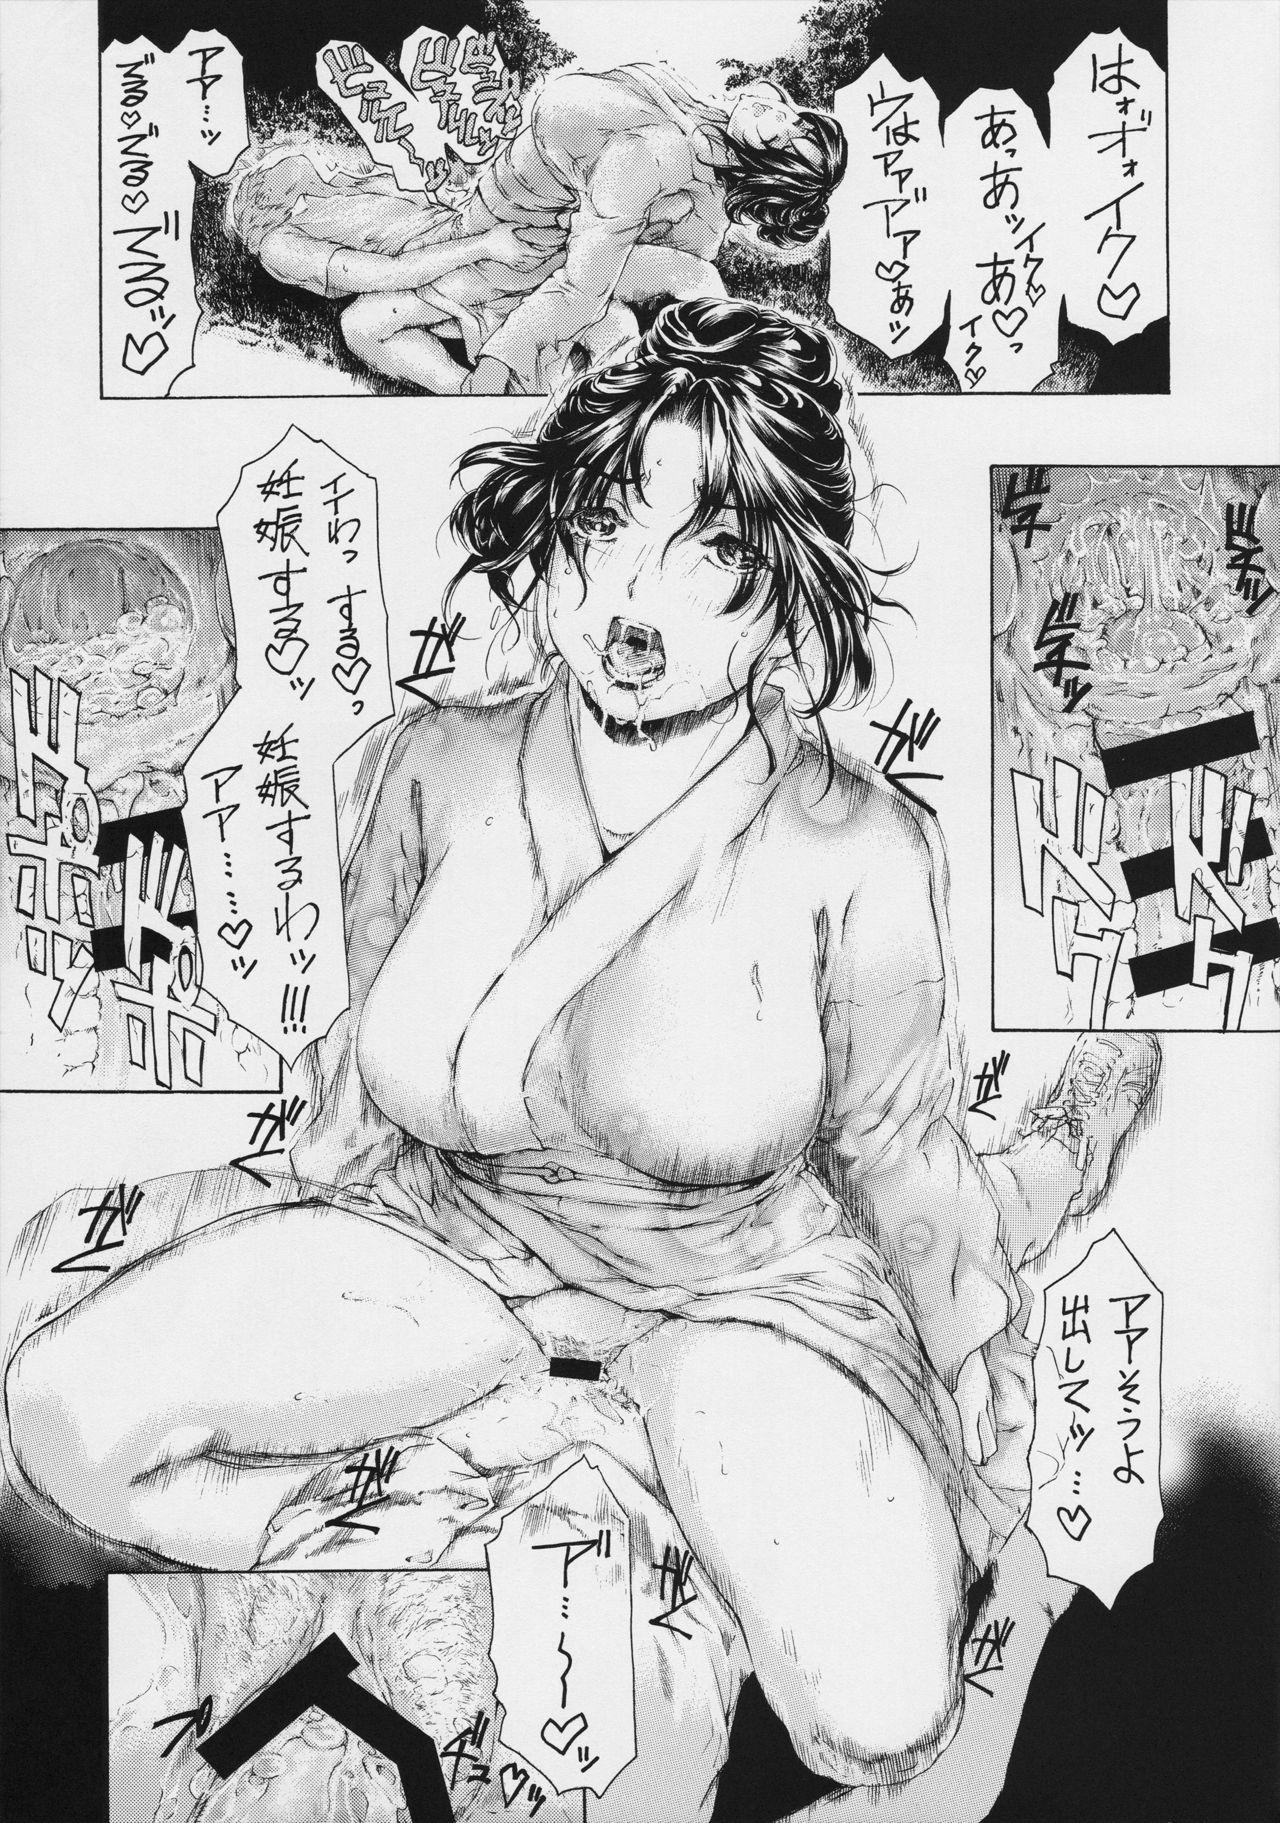 (COMIC1☆11) [Subesube 1kg (Narita Kyousha)] 9-Ji Kara 5-ji Made no Koibito Dai 9 wa - Nine to Five Lover 24